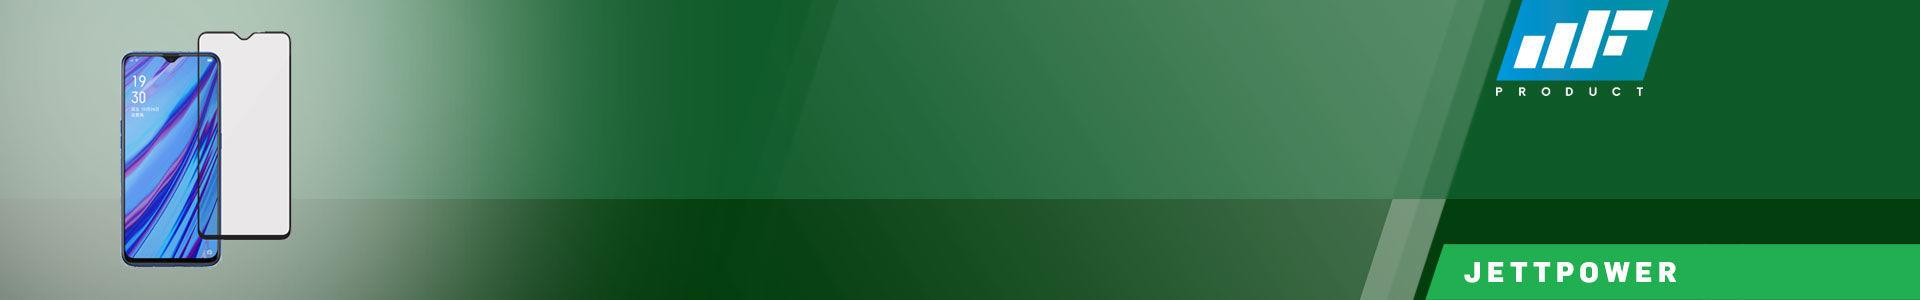 MF Product Jettpower 0449 Renklı Ekran Koruyucu Cam Oppo A9, hemen al hemen gelsin!